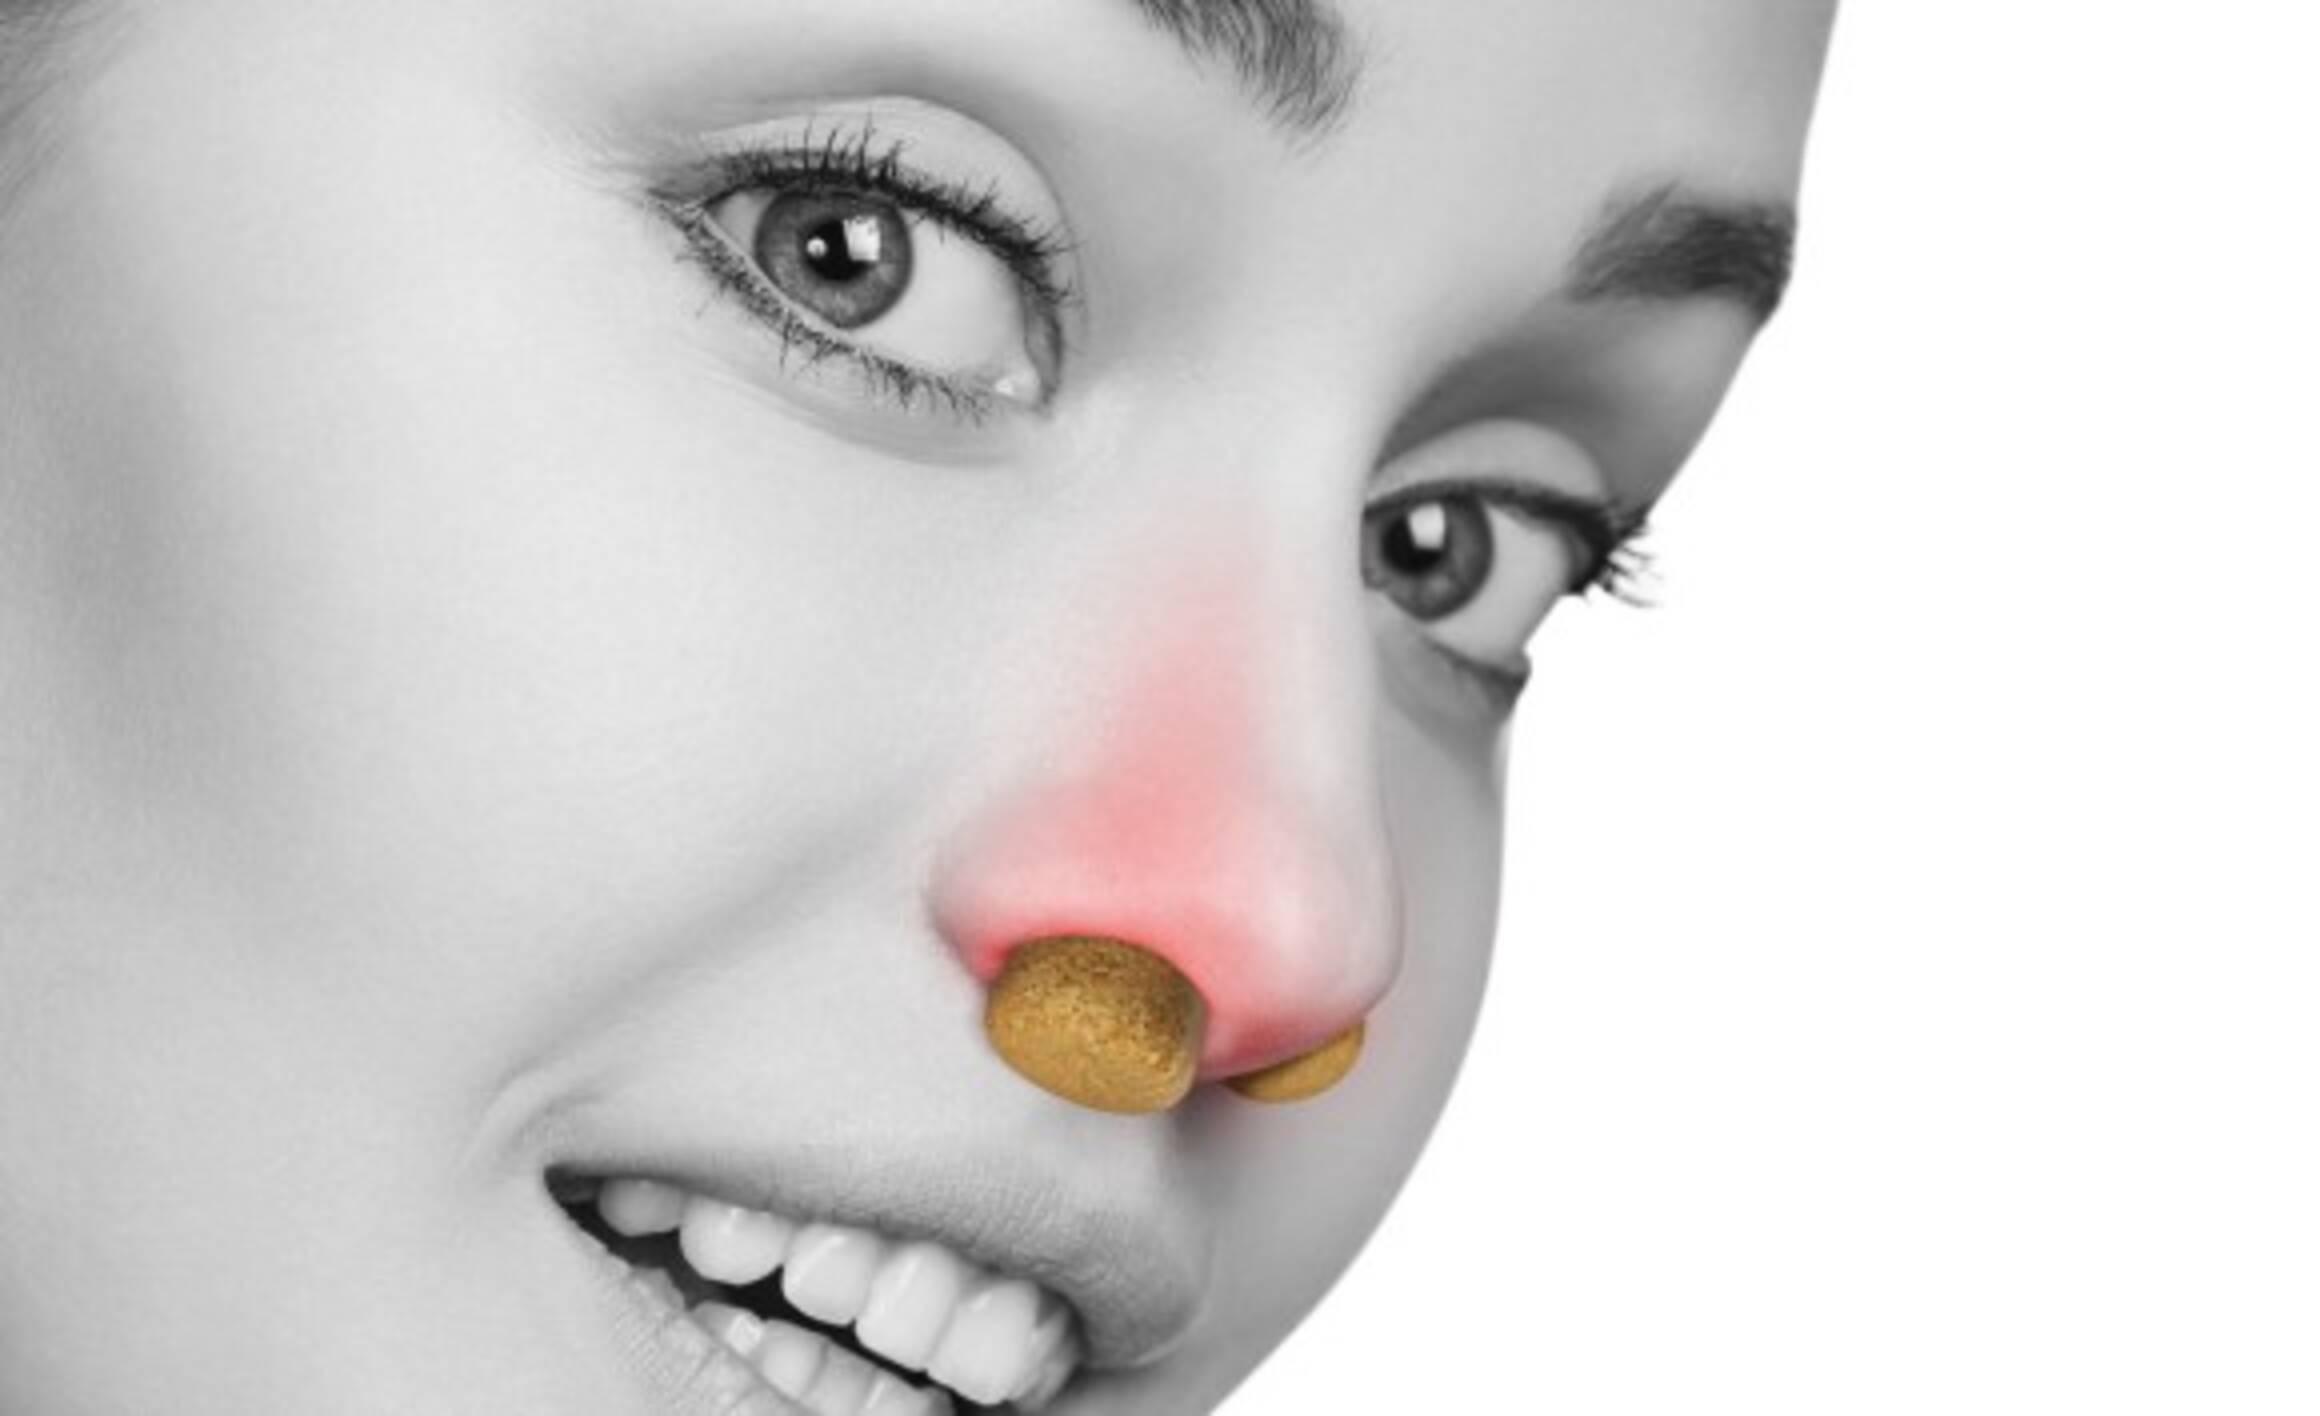 「鼻づまり」の画像検索結果